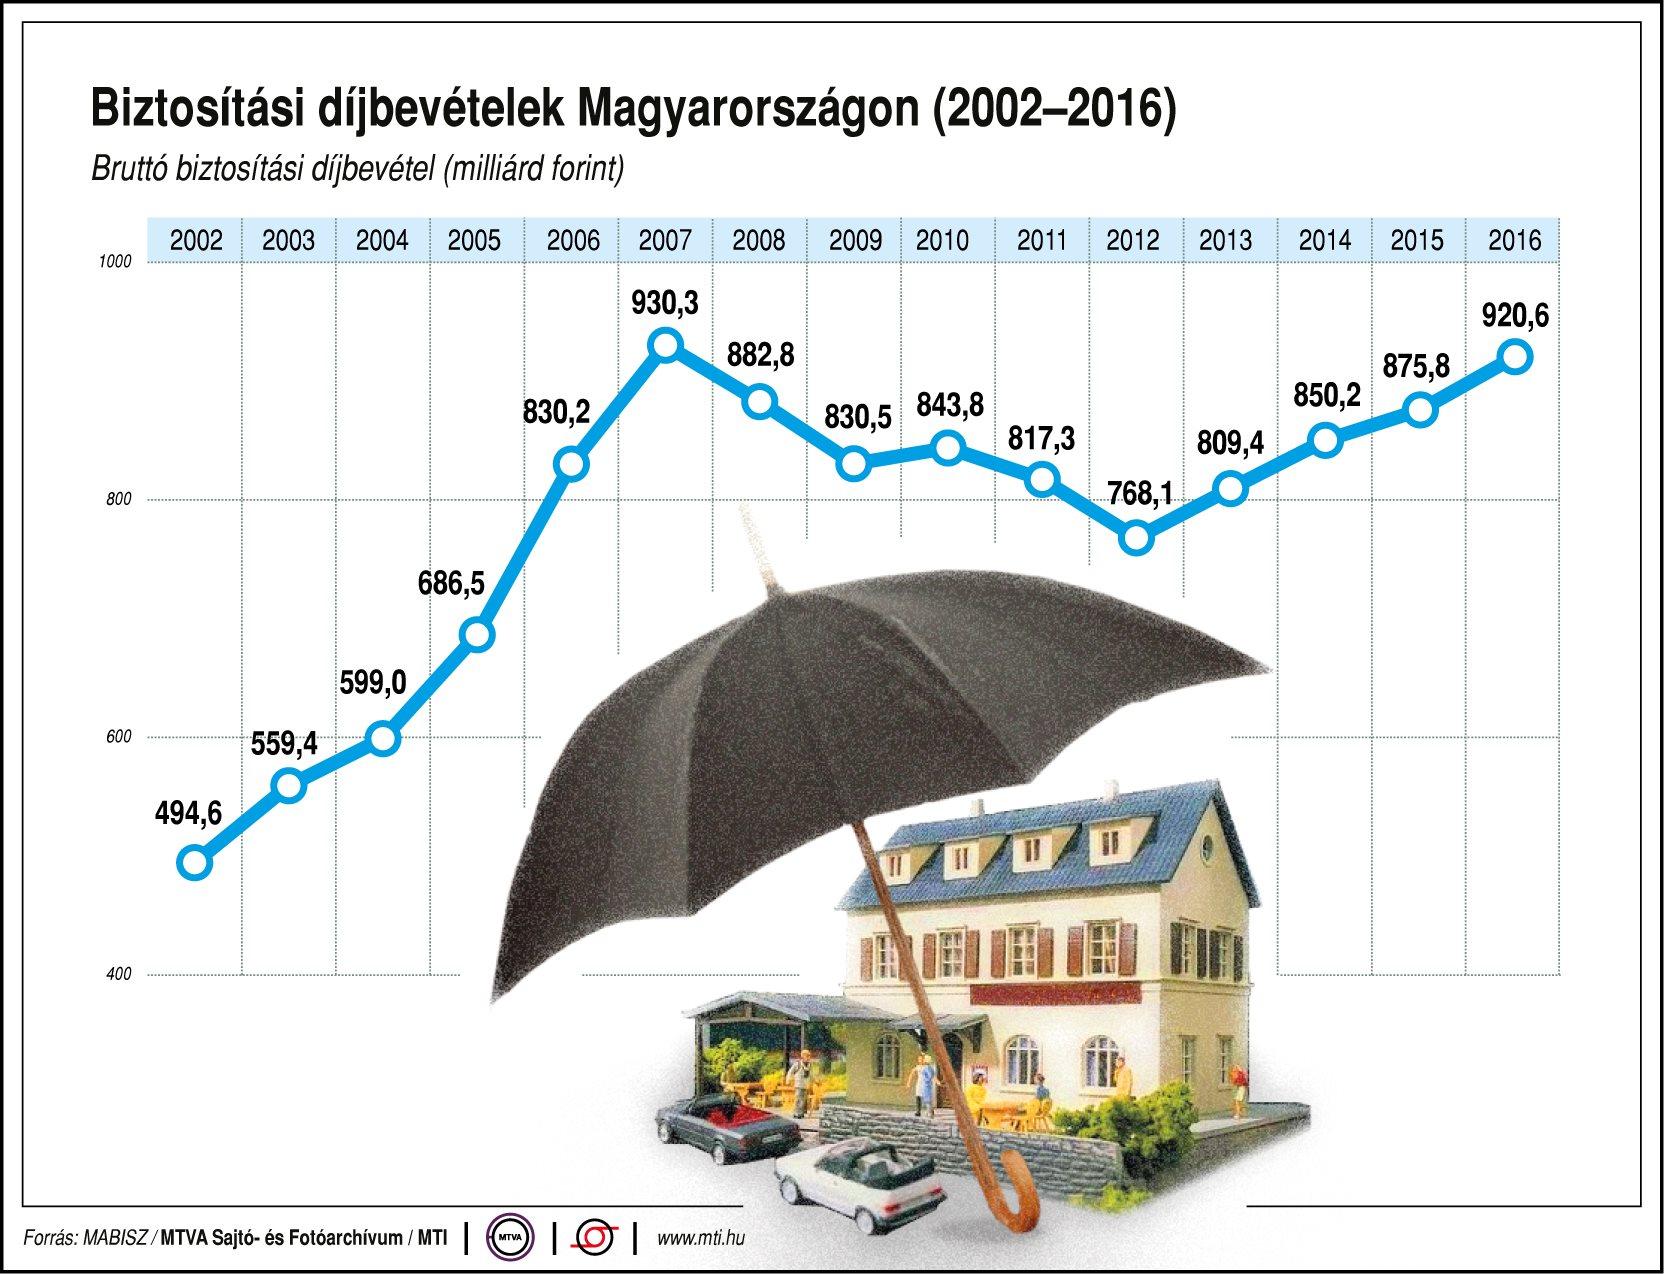 Biztosítási díjbevételek Magyarországon - egy ábrán